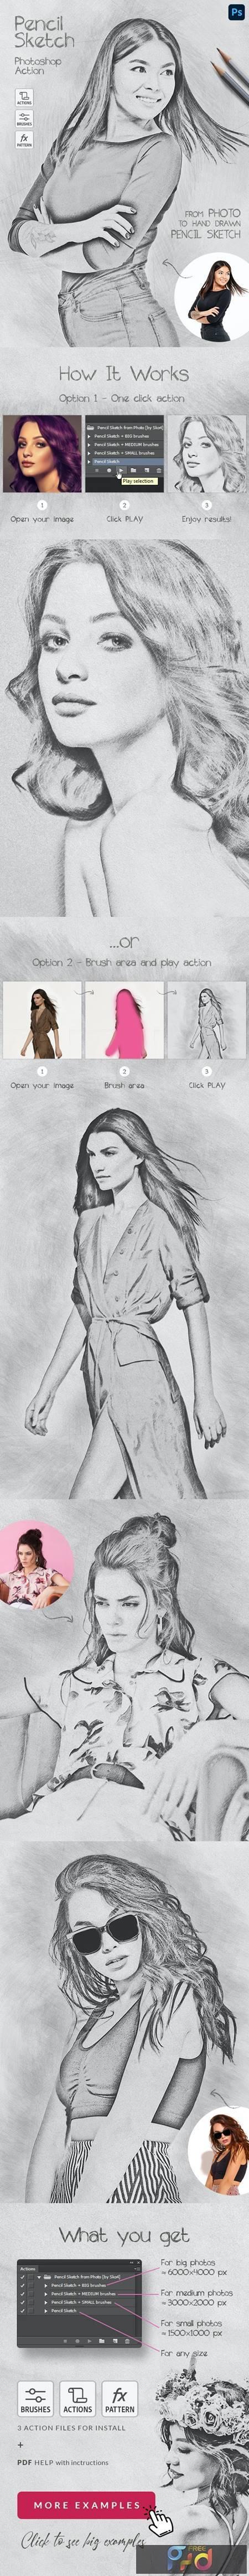 Pencil Sketch - Photoshop Action 28585827 1